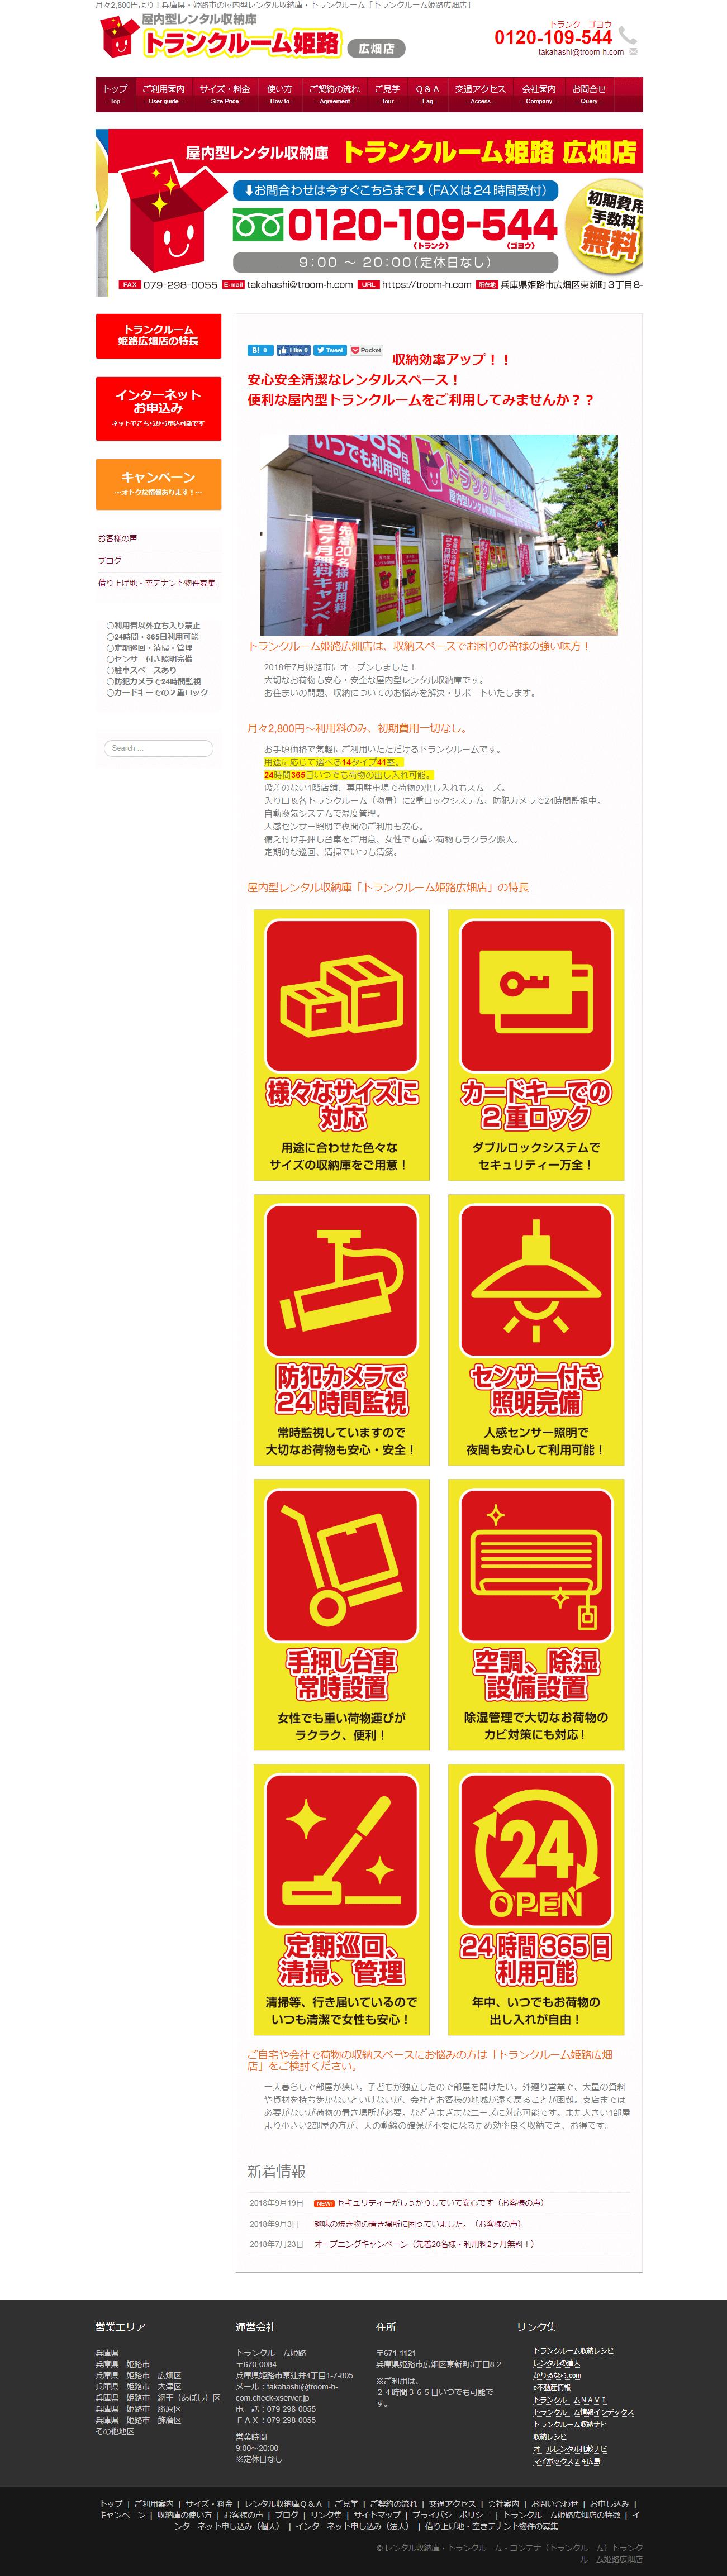 旧サイト:姫路市 トランクルーム姫路 ホームページ制作